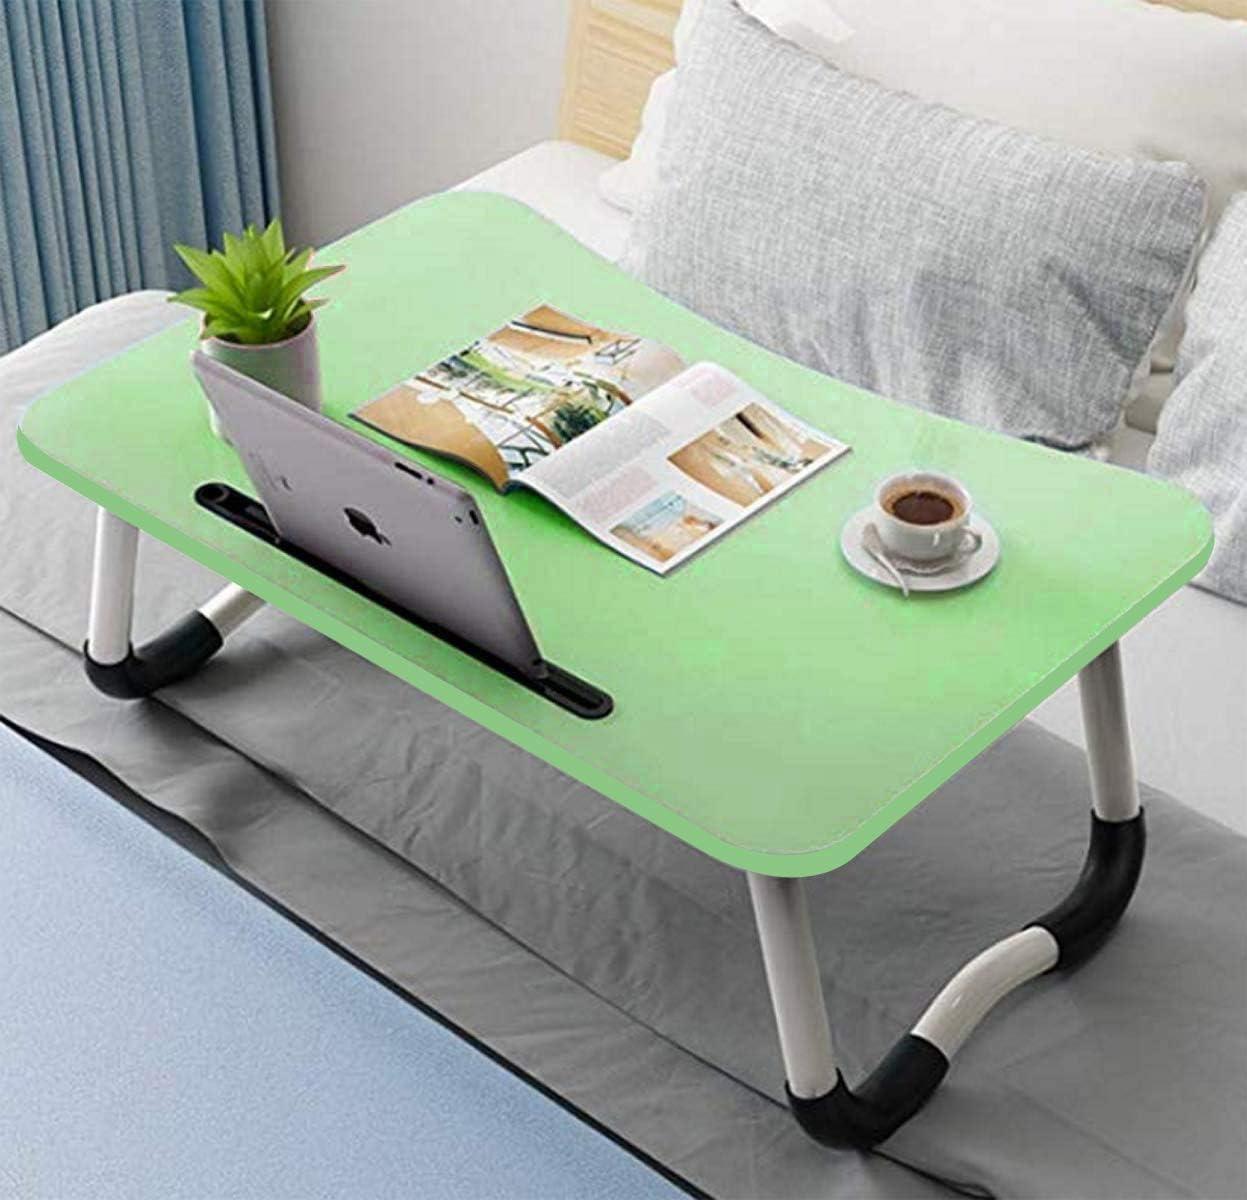 Support de lecture Plateau de lit Table de lit r/églable pour ordinateur portable Plateau /à caf/é 60 x 40 cm Pour ordinateur portable Pour lit et canap/é Pour petit-d/éjeuner Pour enfant